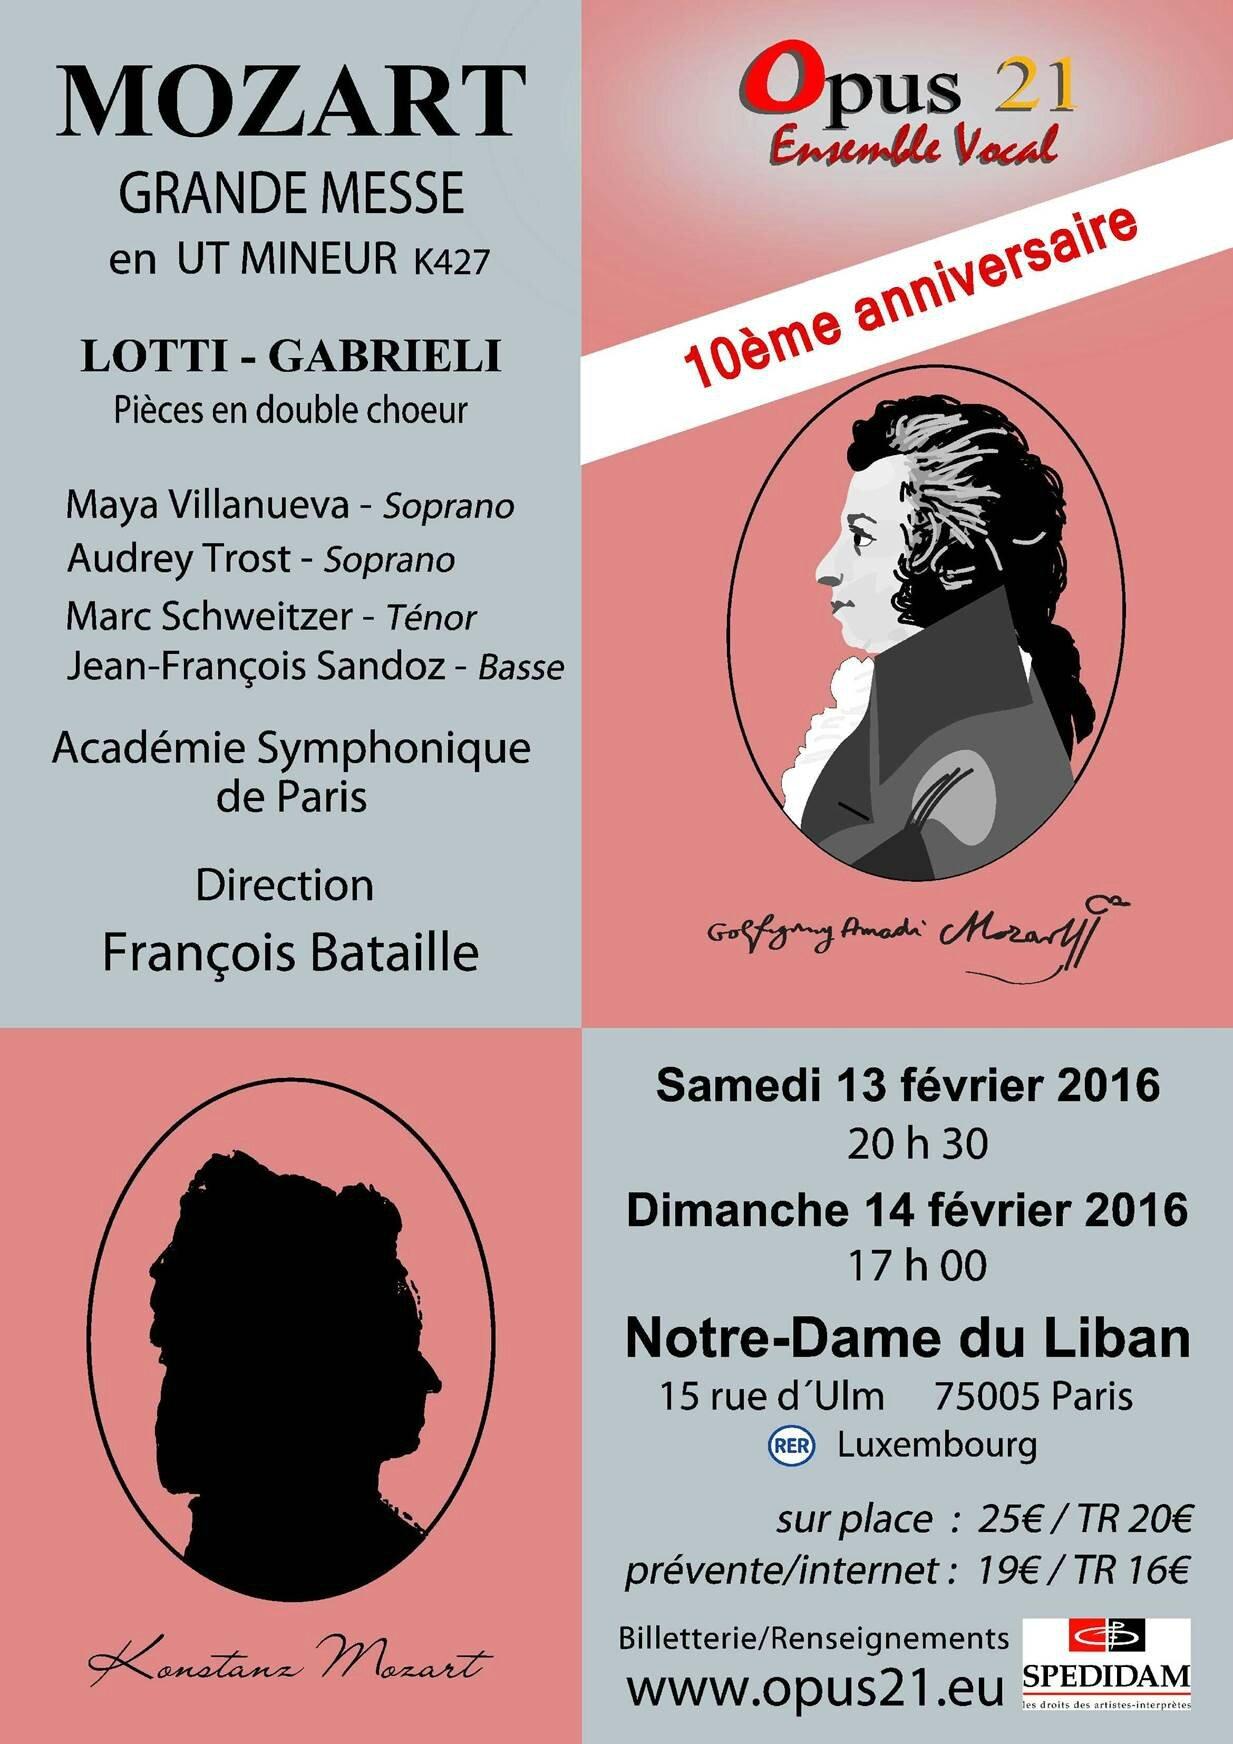 Concert Opus 21 : Mozart/Lotti/Gabrieli les 13 et14 février à N-D du Liban, Paris 5e